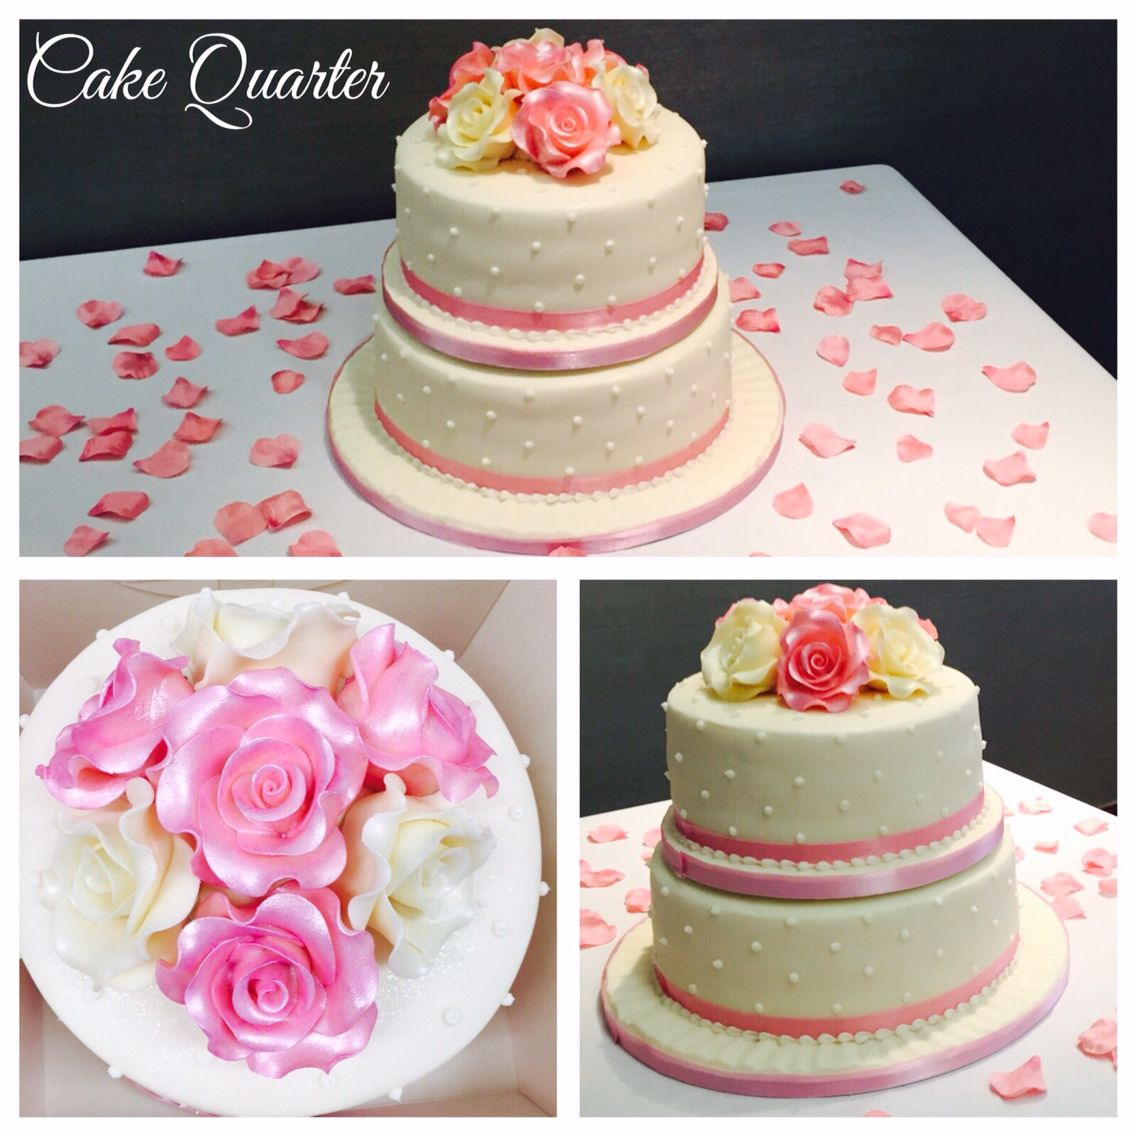 Elegant wedding cake with sugar roses.   Designed by Cake Quarter  Wedding cakes • Birthday Cakes.  www.cakequarter.co.uk 01215071645